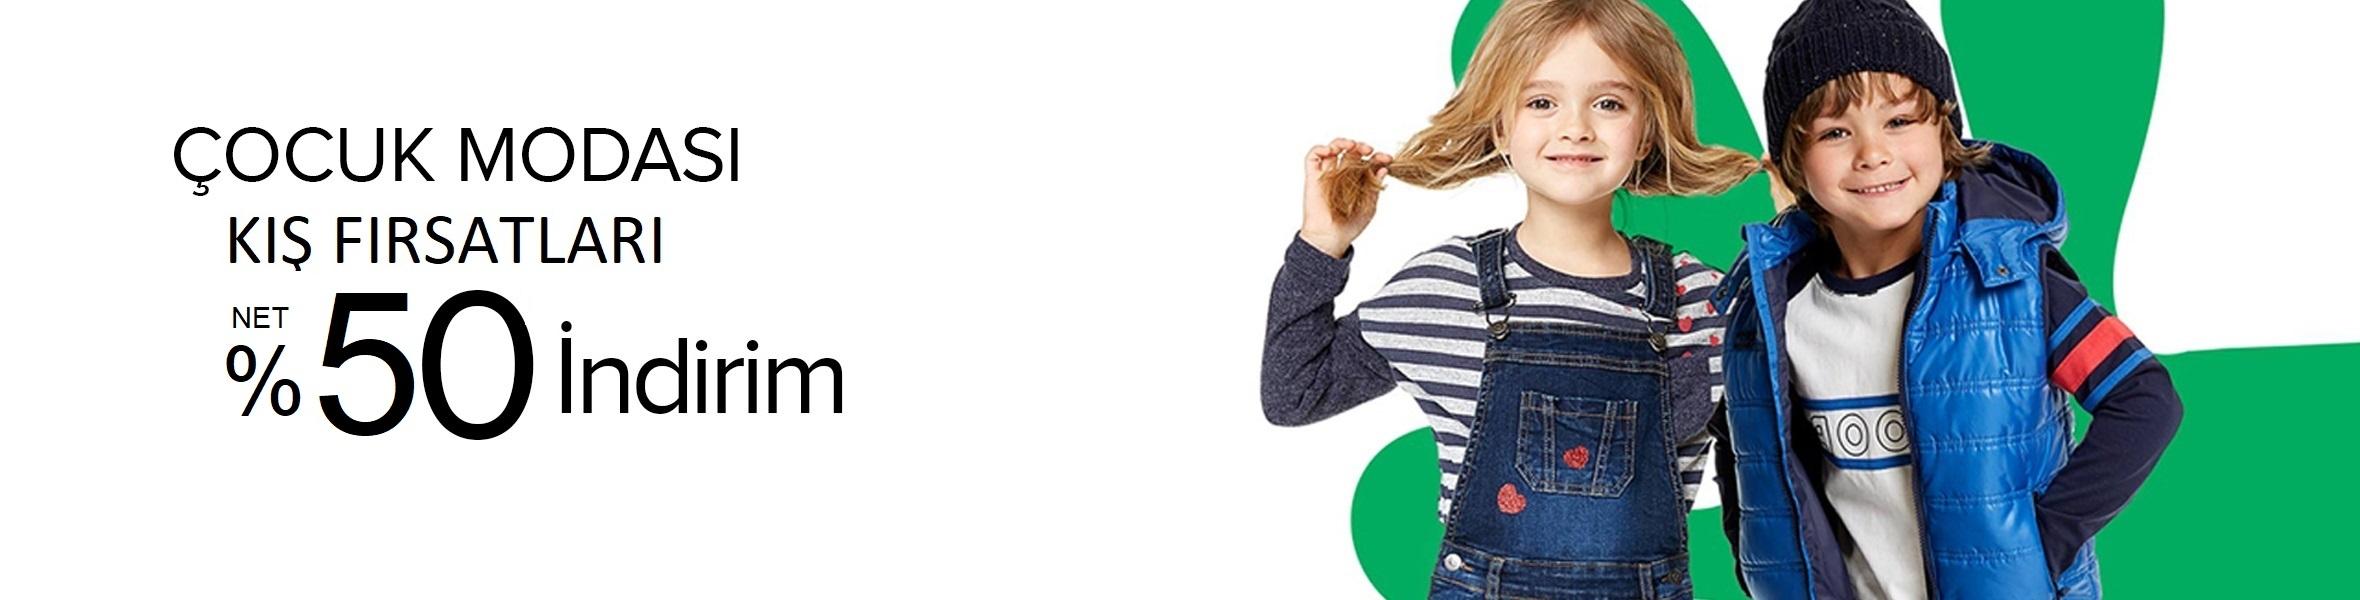 Çocuk Modası Kış Fırsatları NET %50 iNDİRİM